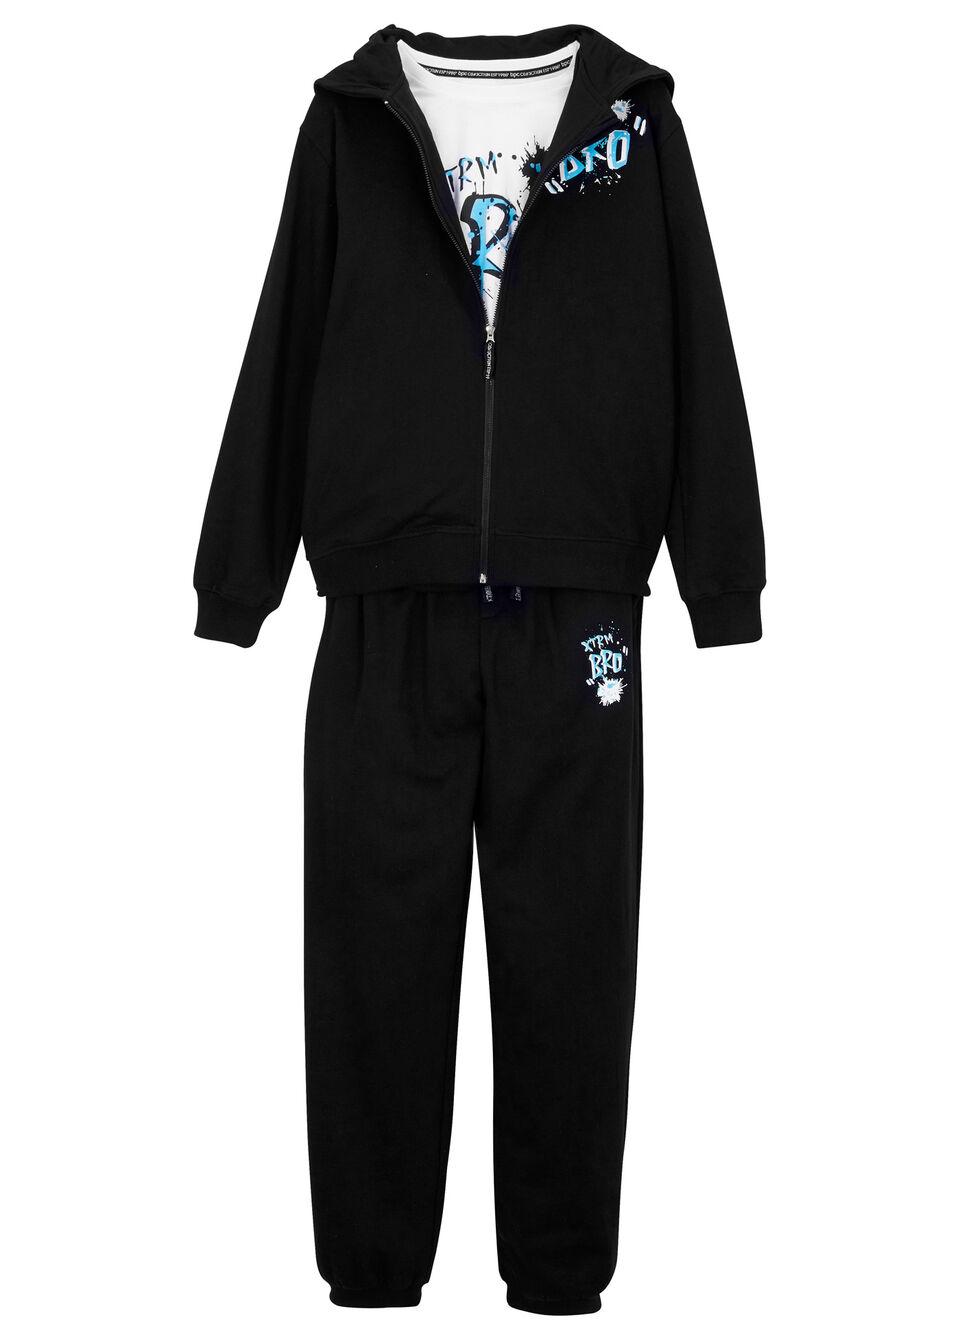 Спортивный костюм для мальчика (3 изд.) от bonprix